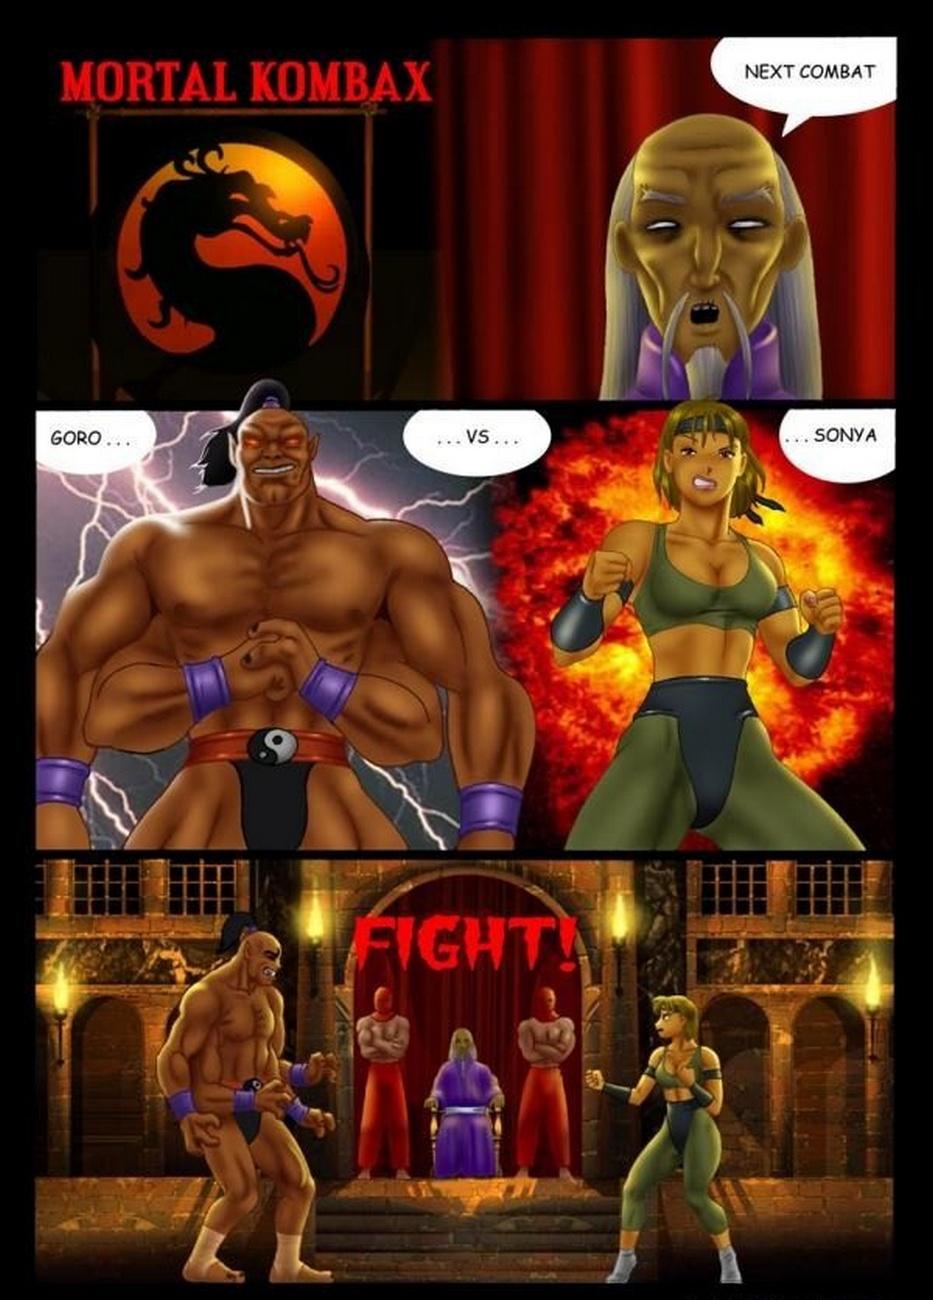 Goro vs Sonya